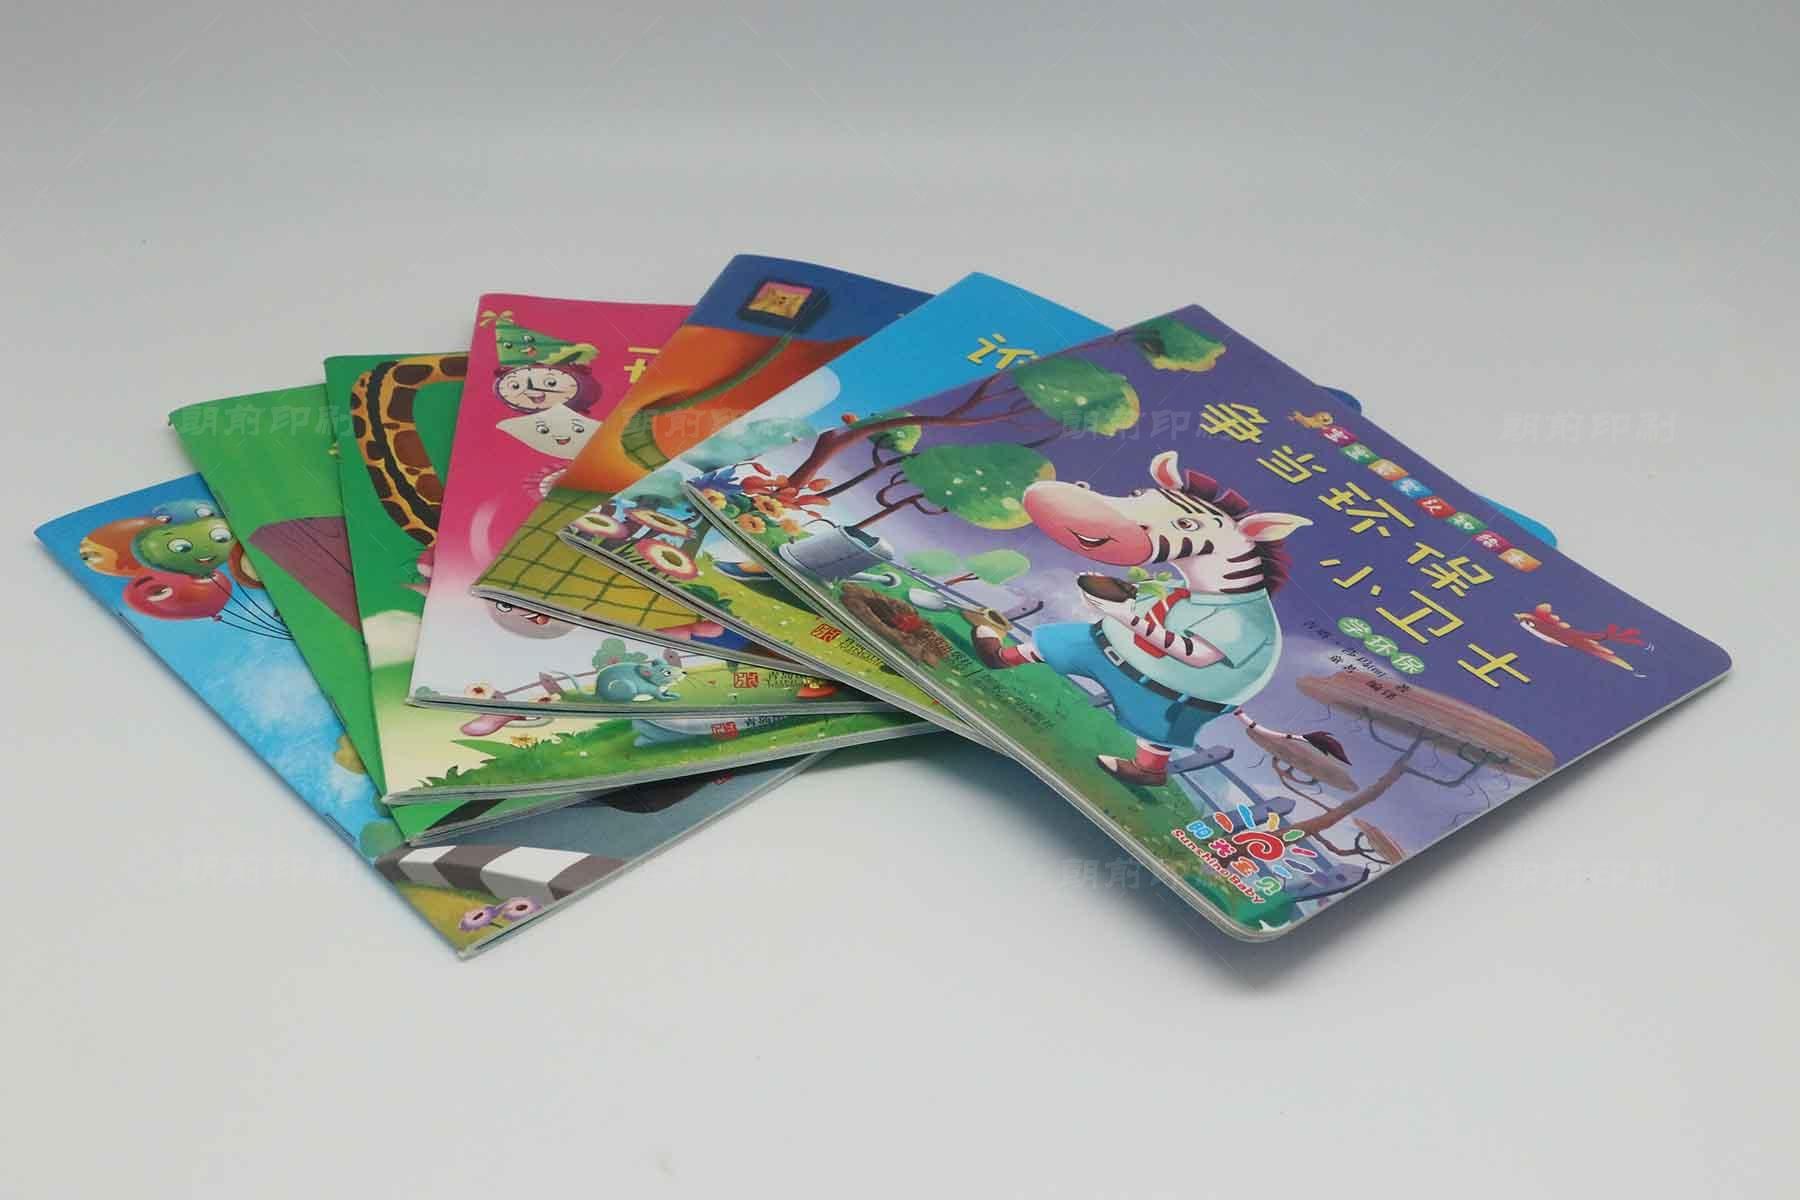 广州印刷画册需要数量是多少 广州电池产品宣传画册印刷